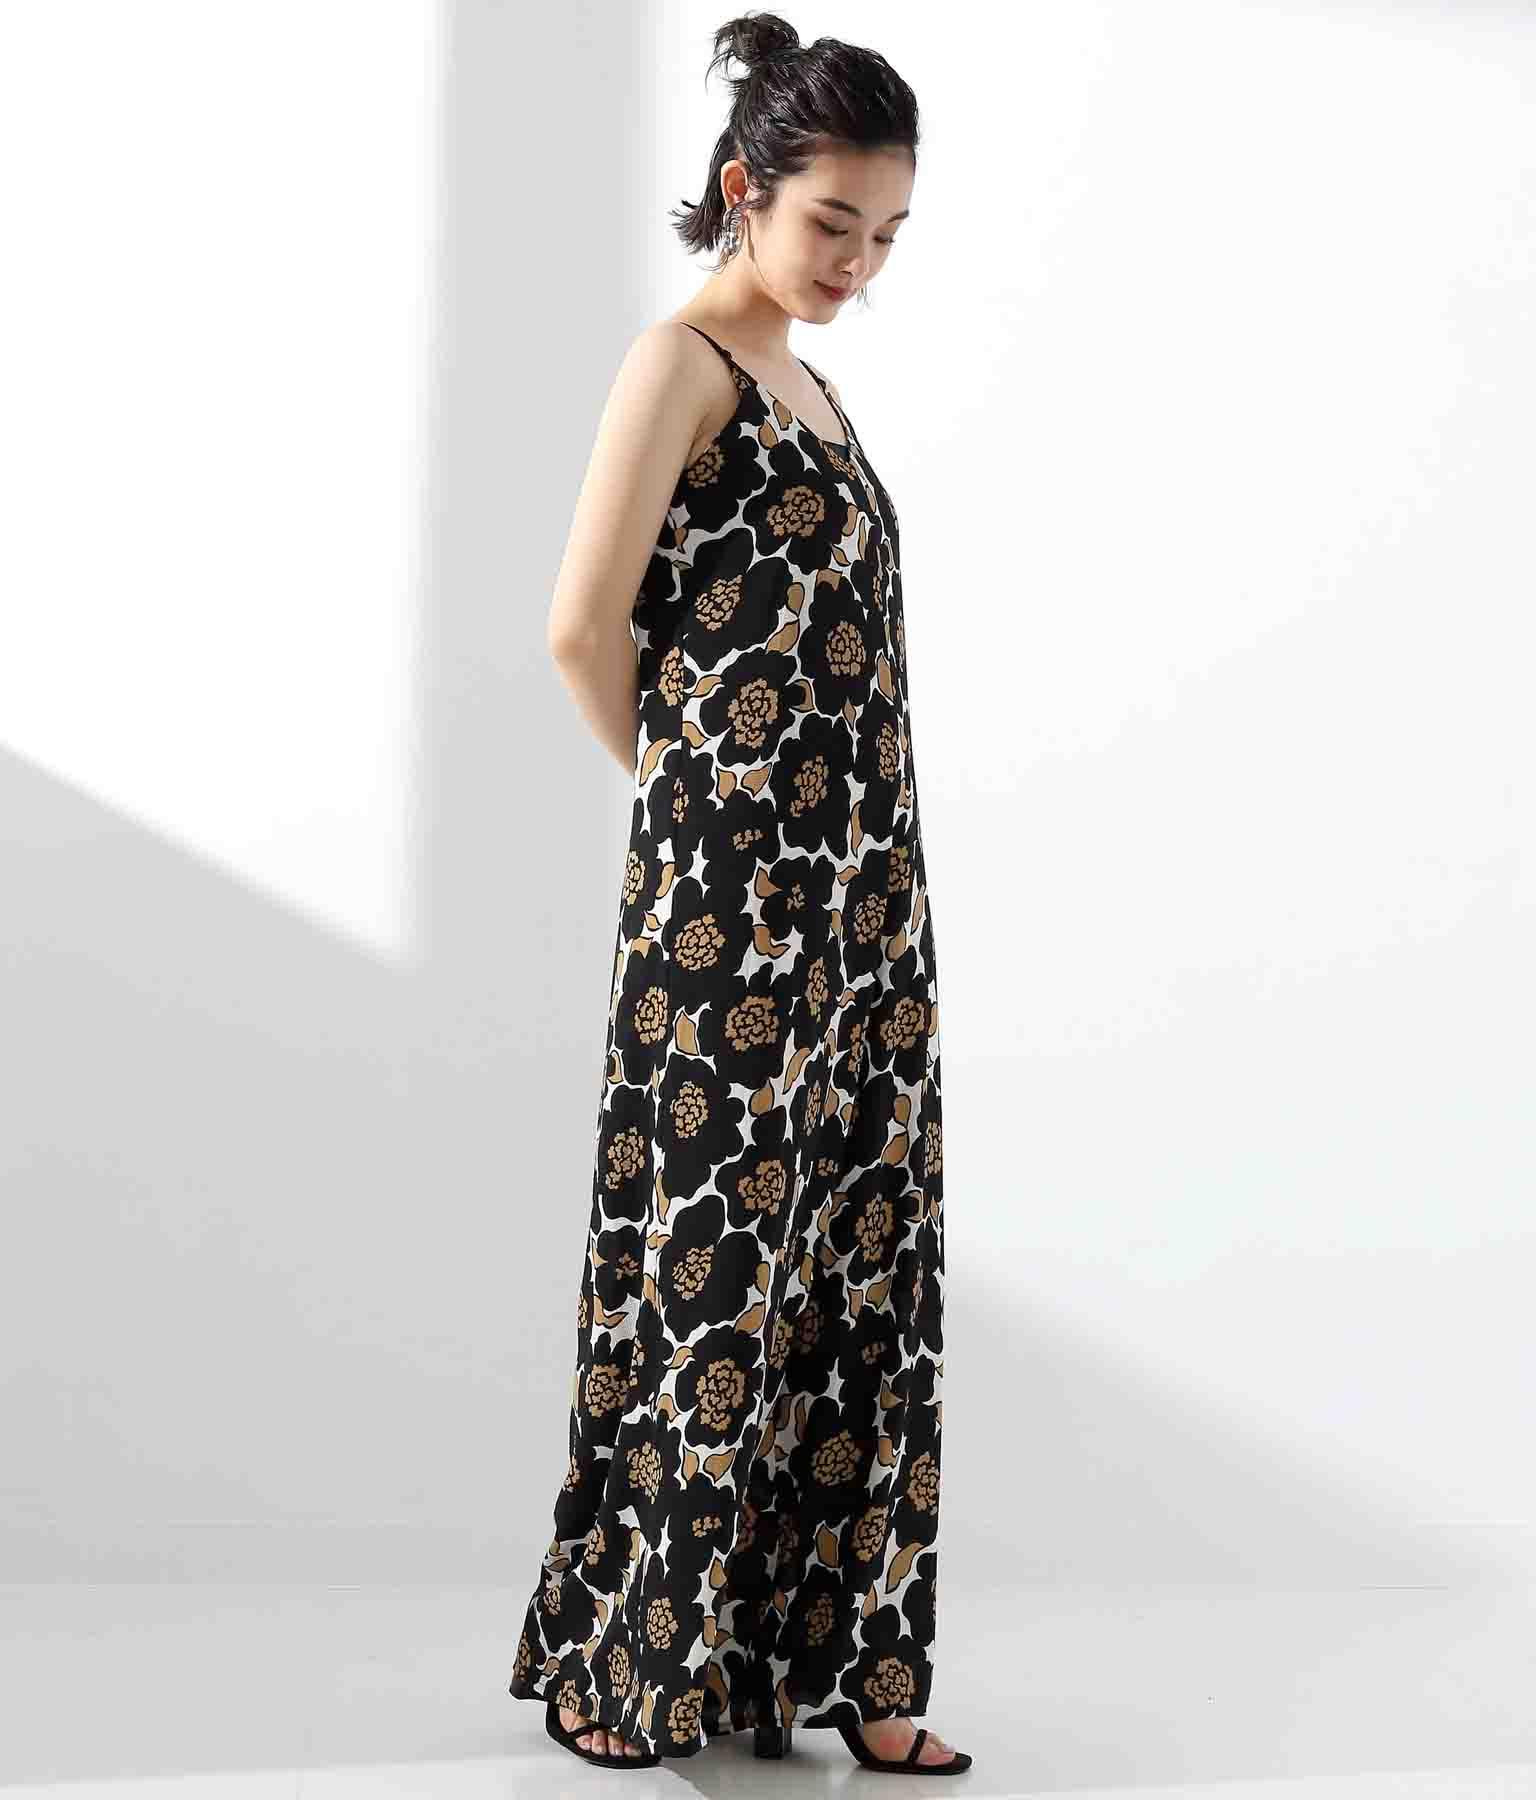 フラワープリントオールインワン(ワンピース・ドレス/サロペット/オールインワン) | Settimissimo